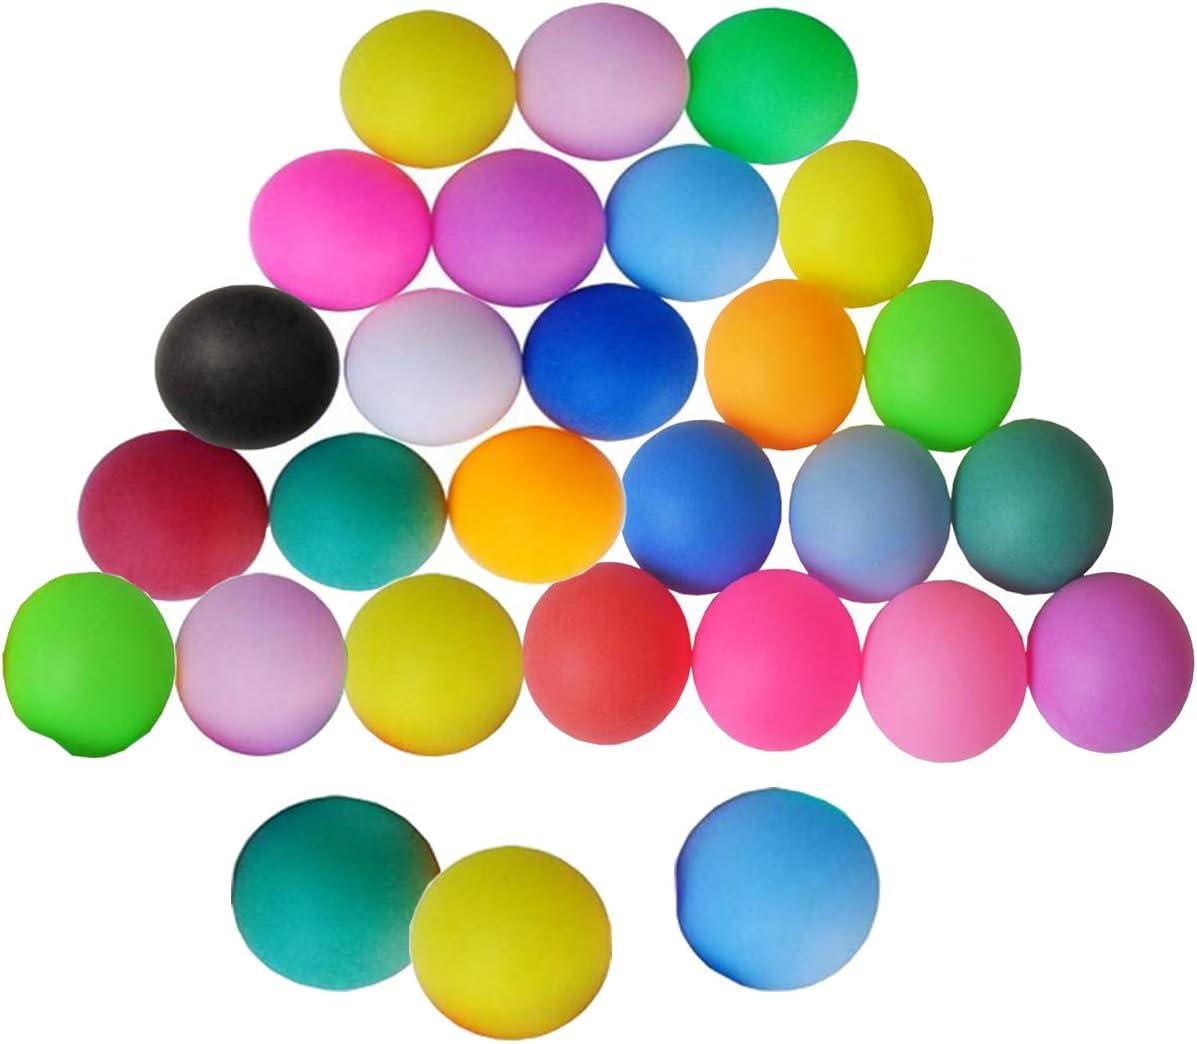 mengger Pelotas de Ping Pong Tenis Mesa Bolas de Lotería Cerveza 30 Piezas Bolas Entrenamiento en Series Torneo Juegos para Adultos y Niños Color al Azar Ping-Pong Pelota